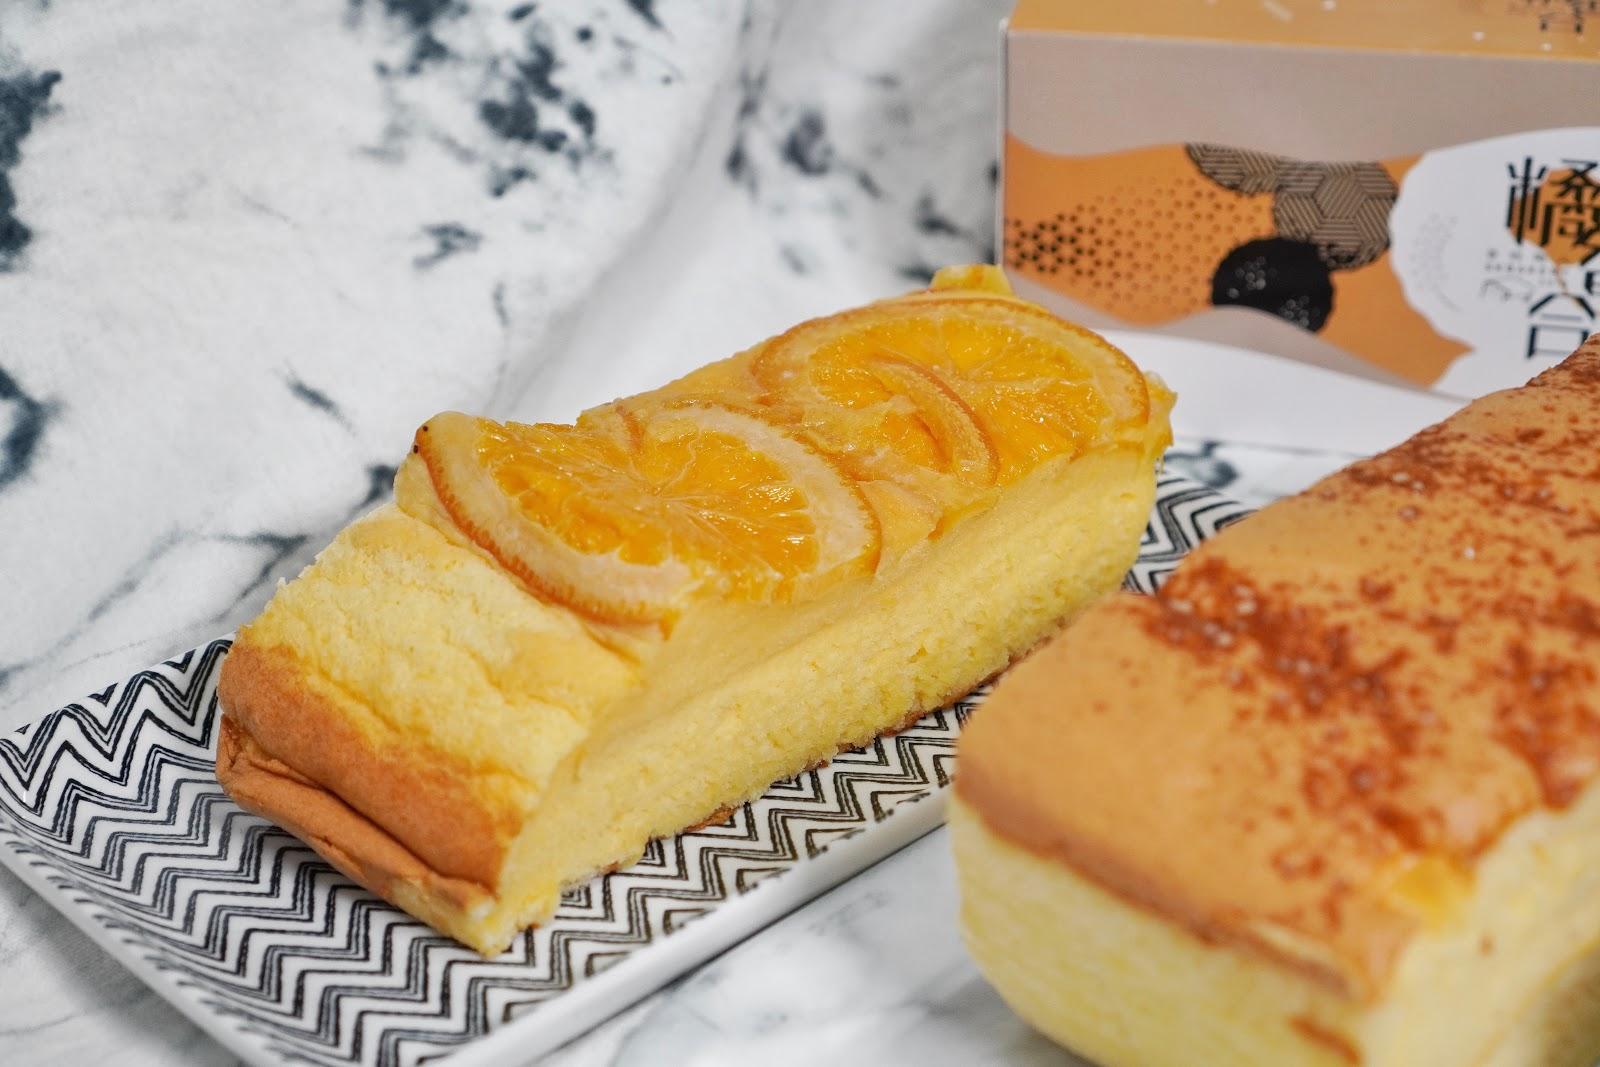 台南中西區美食【橘香合-蛋糕職人】秋夜香橙